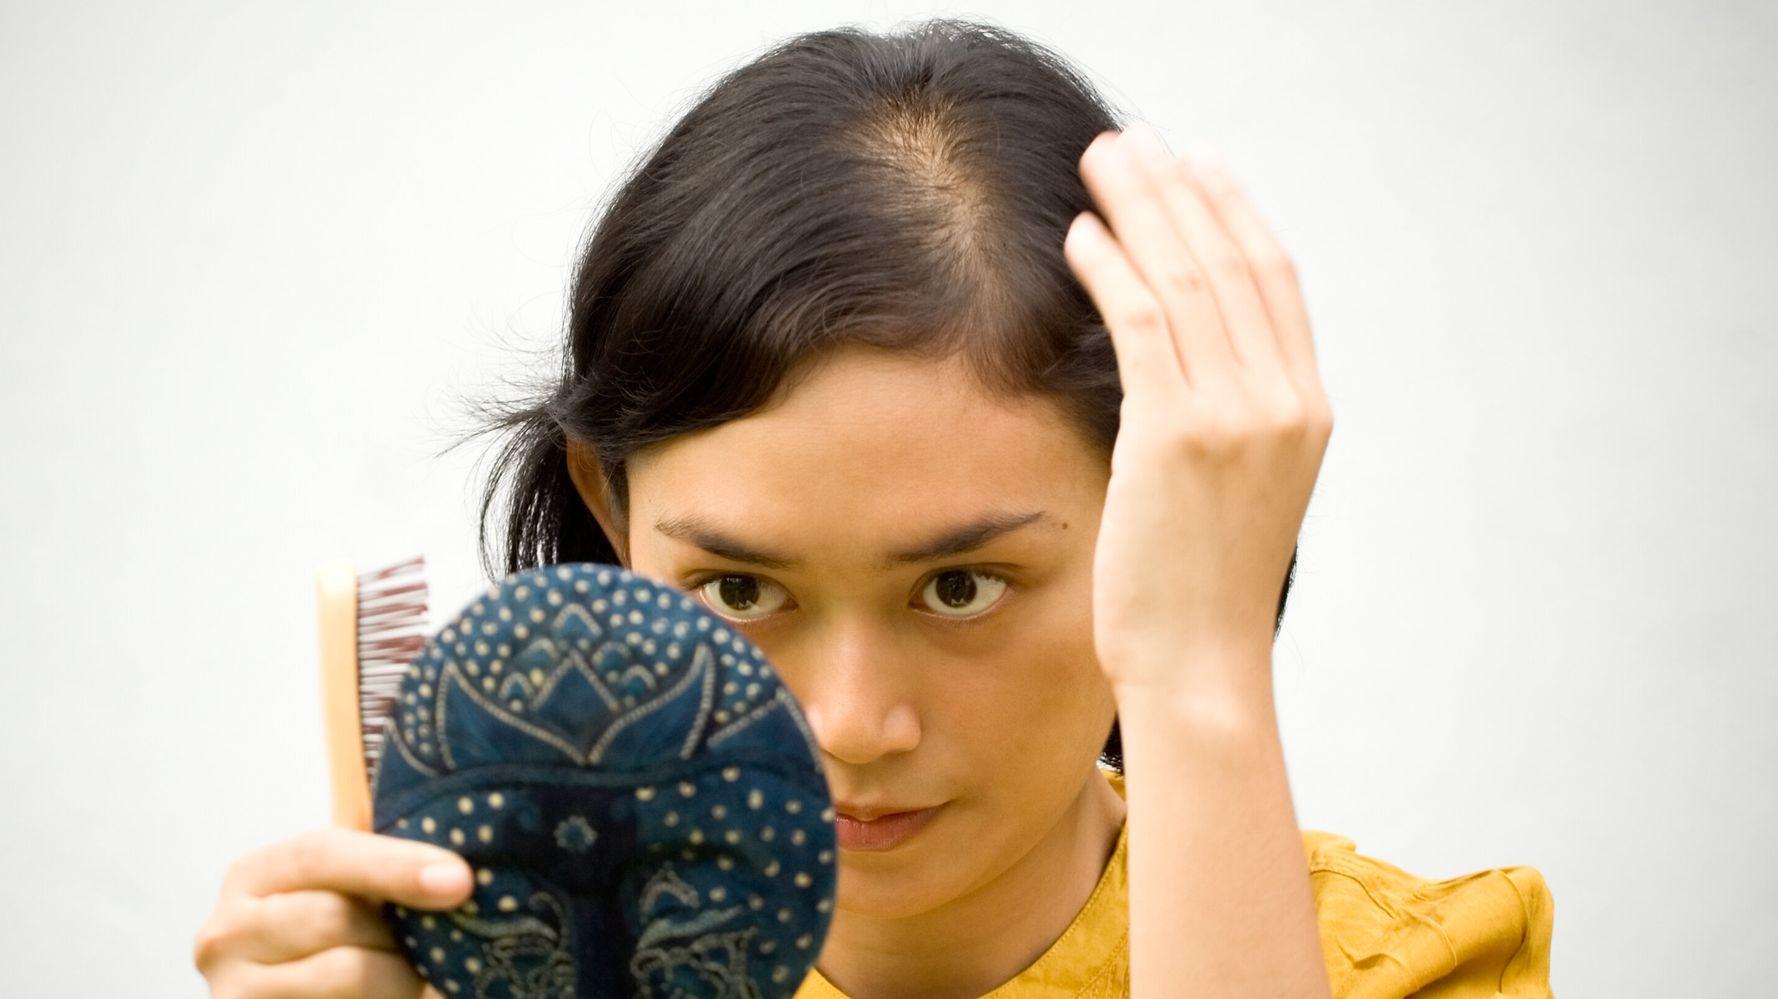 요즘 머리카락이 자꾸 빠지는 이유와 모발 관리 방법 (전문가 팁)